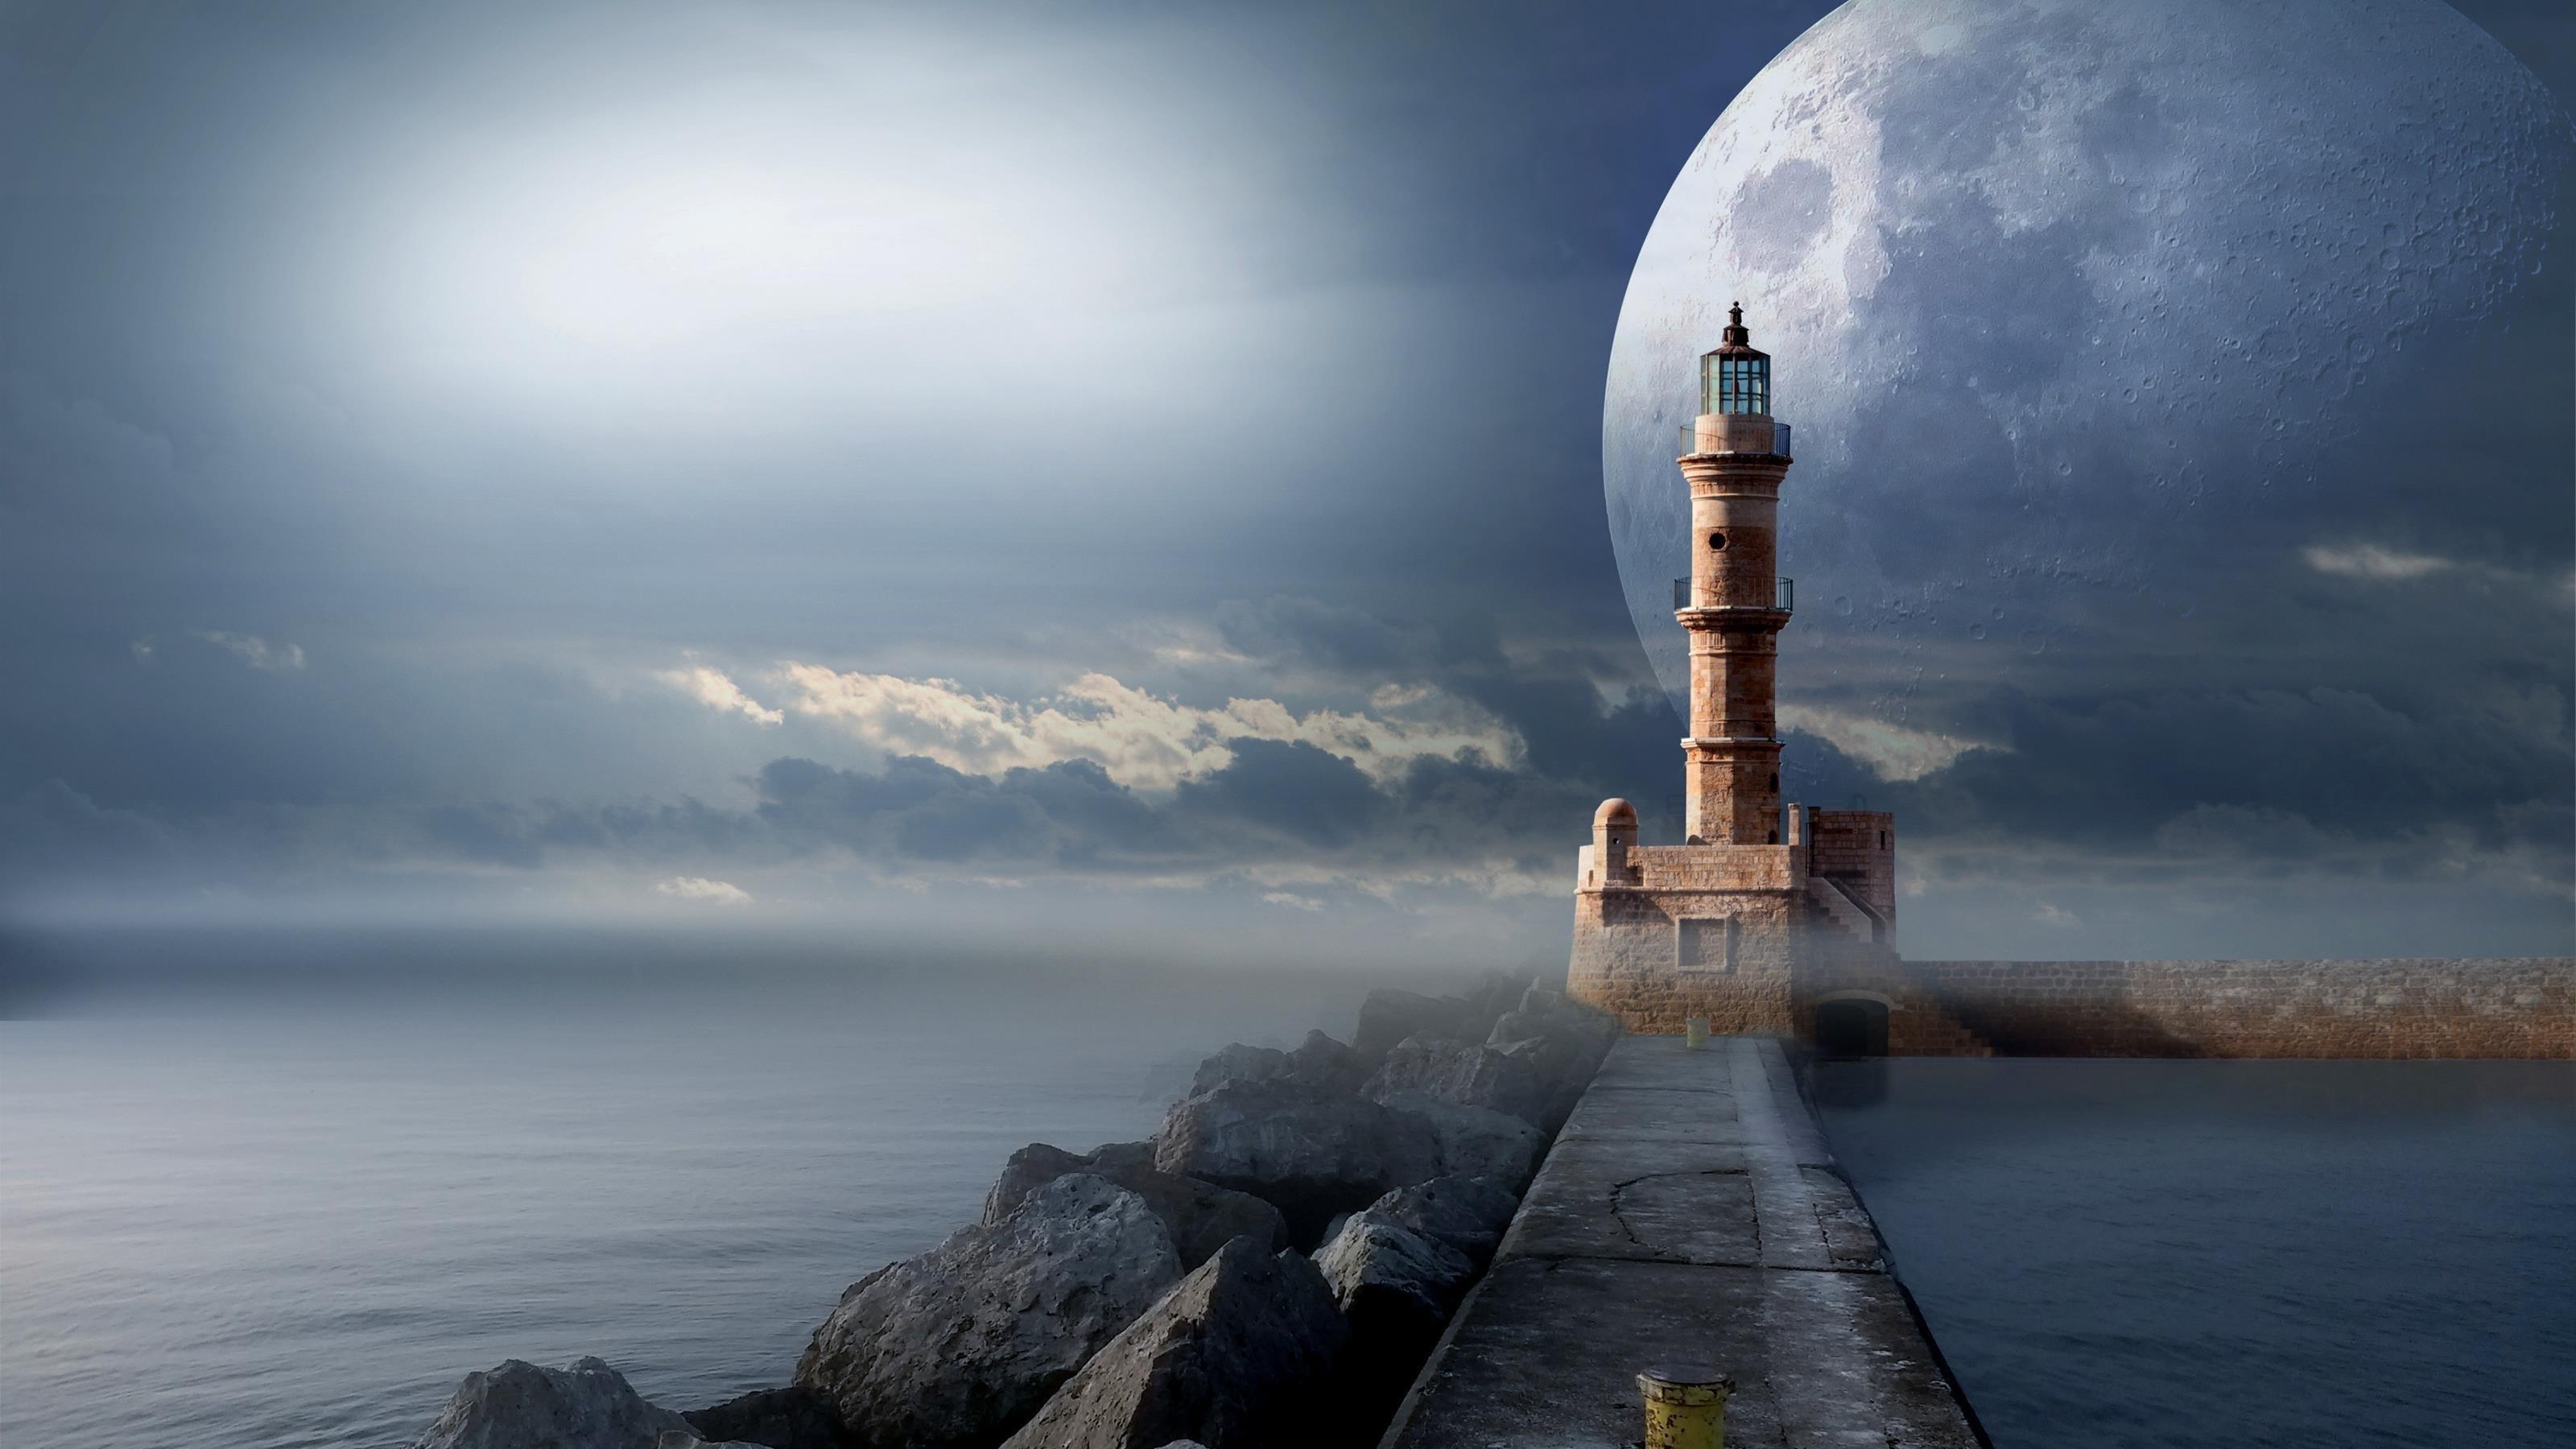 Мечта о маяке обои скачать